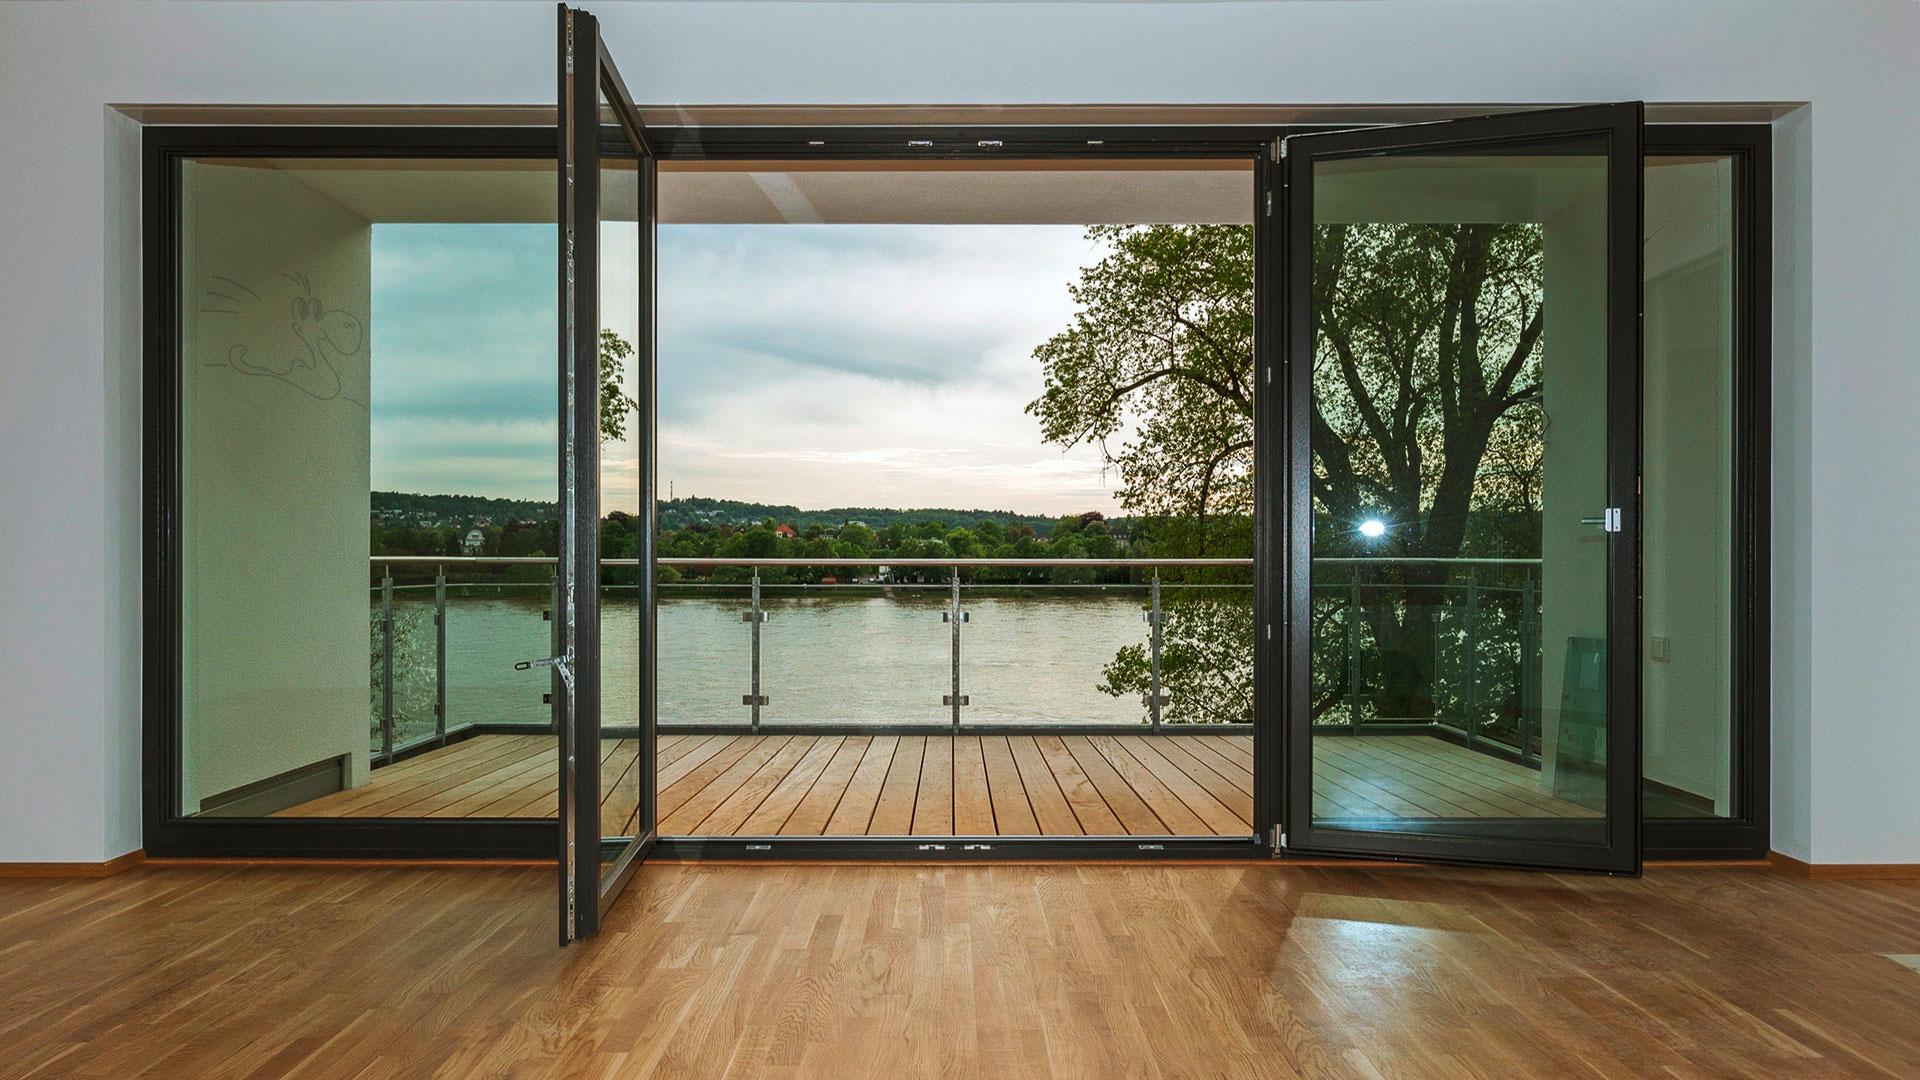 Holzrahmen Fenster und Balkontür, Holz Parkett